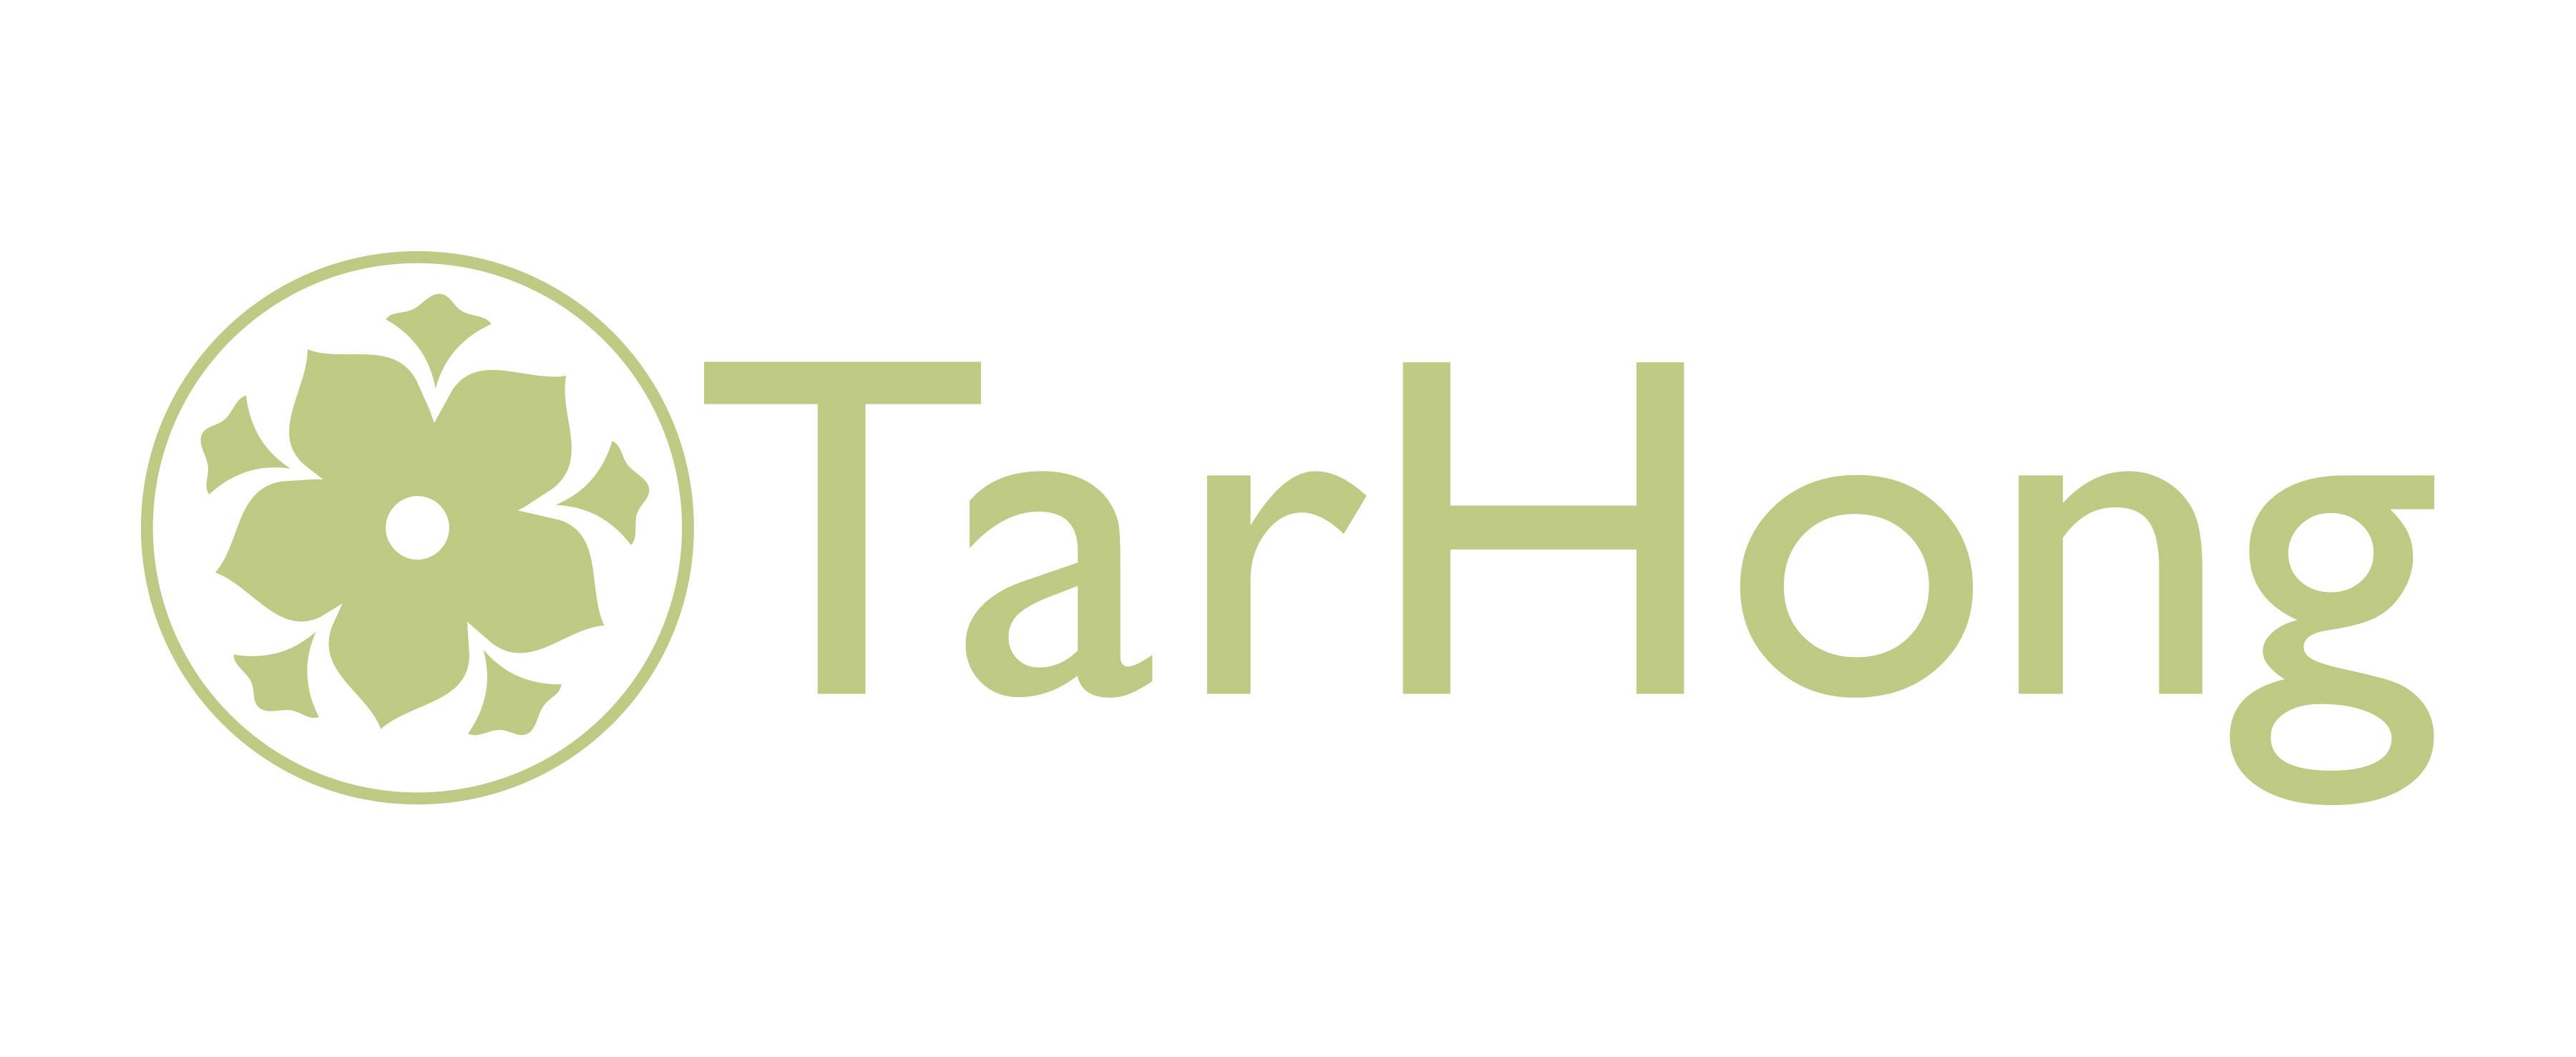 Логотип Tarhong (Тархонг), Сша. Продажа серебряных украшений Tarhong (Тархонг), Сша оптом и в розницу